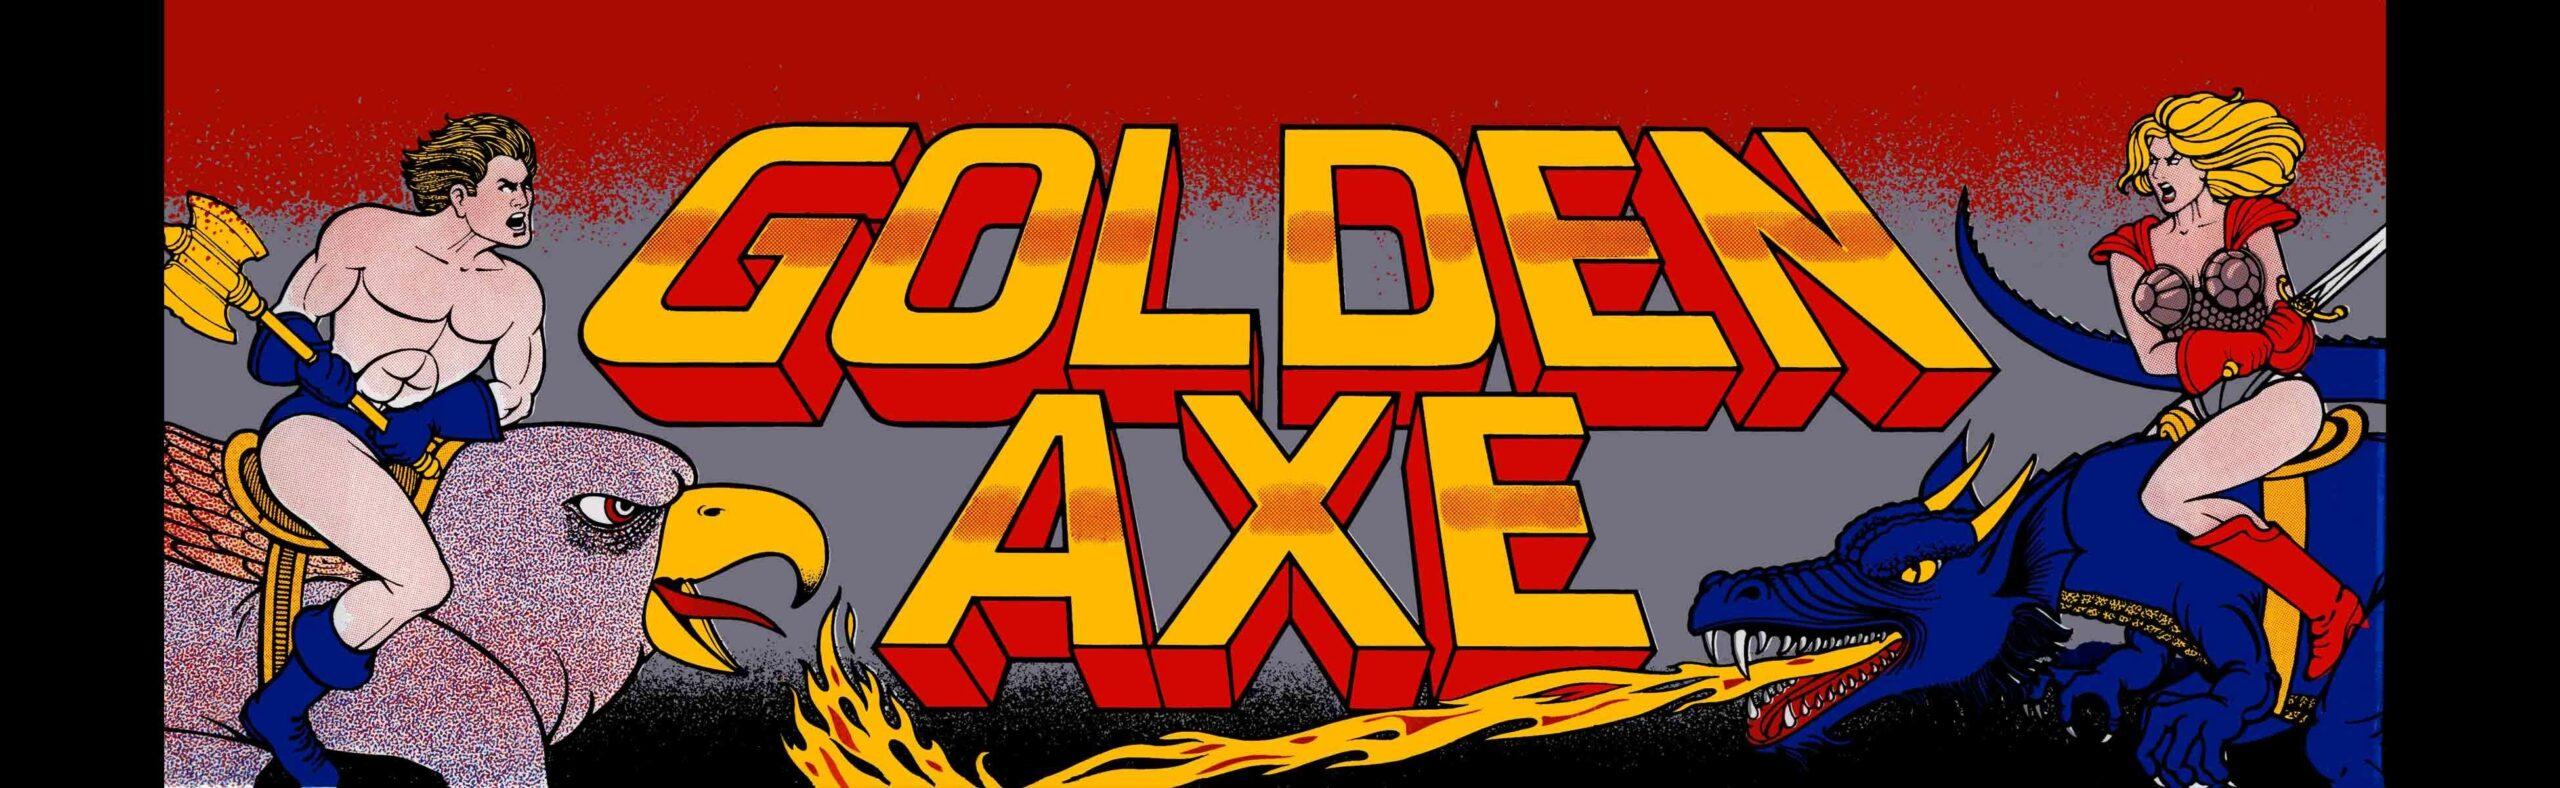 A World of Games: Golden Axe